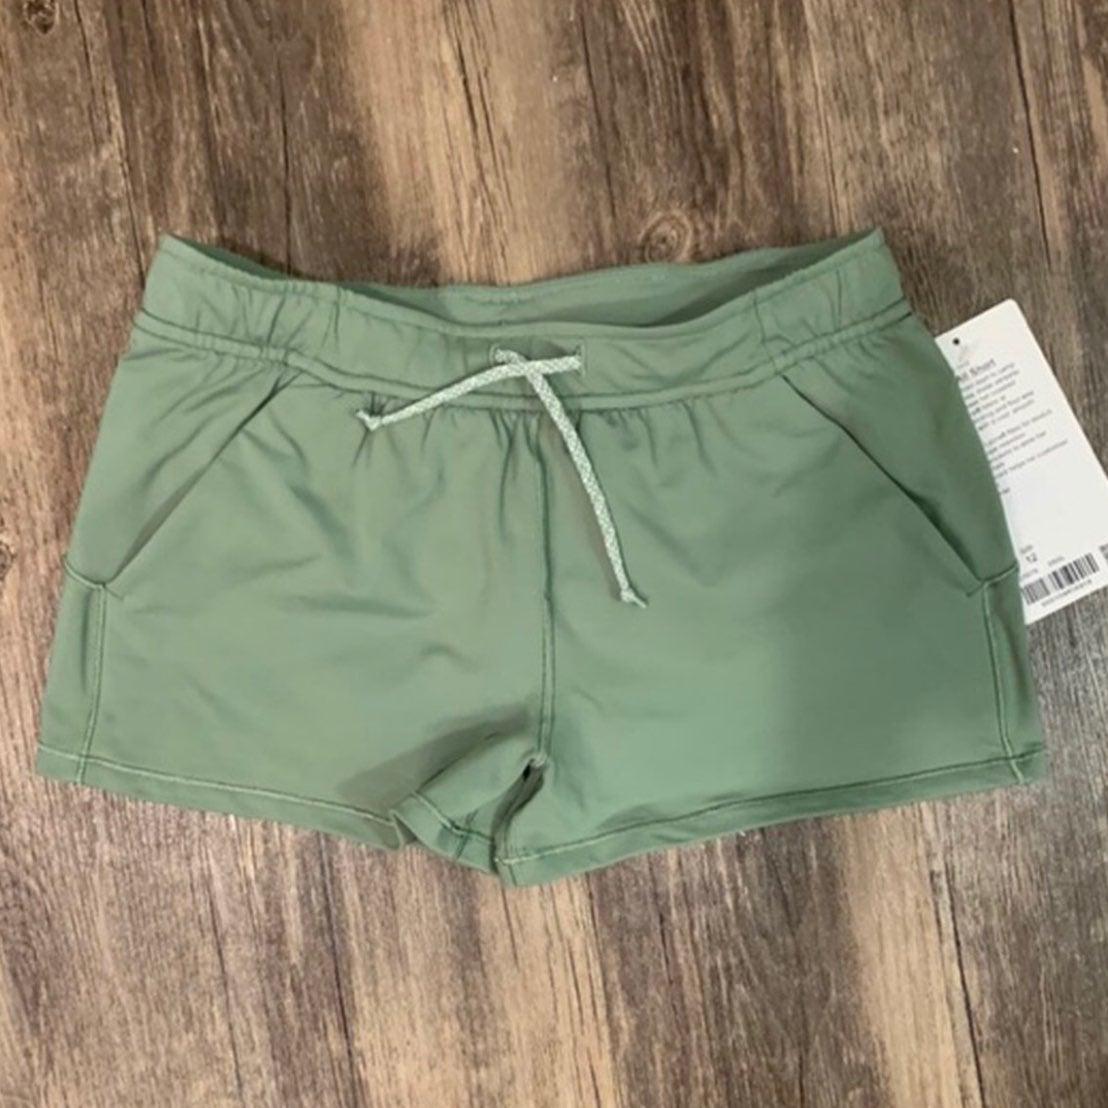 lululemon ivviva best of all shorts